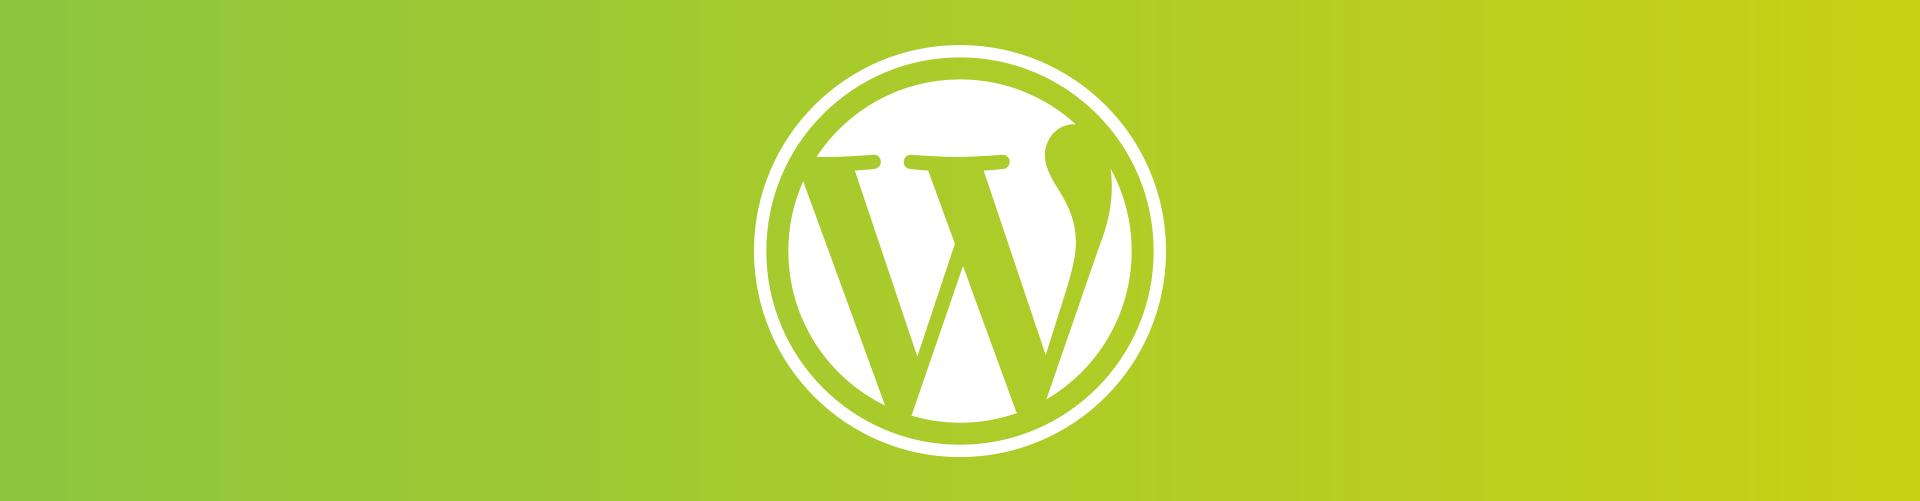 Entrare in WordPress: login e area di amministrazione